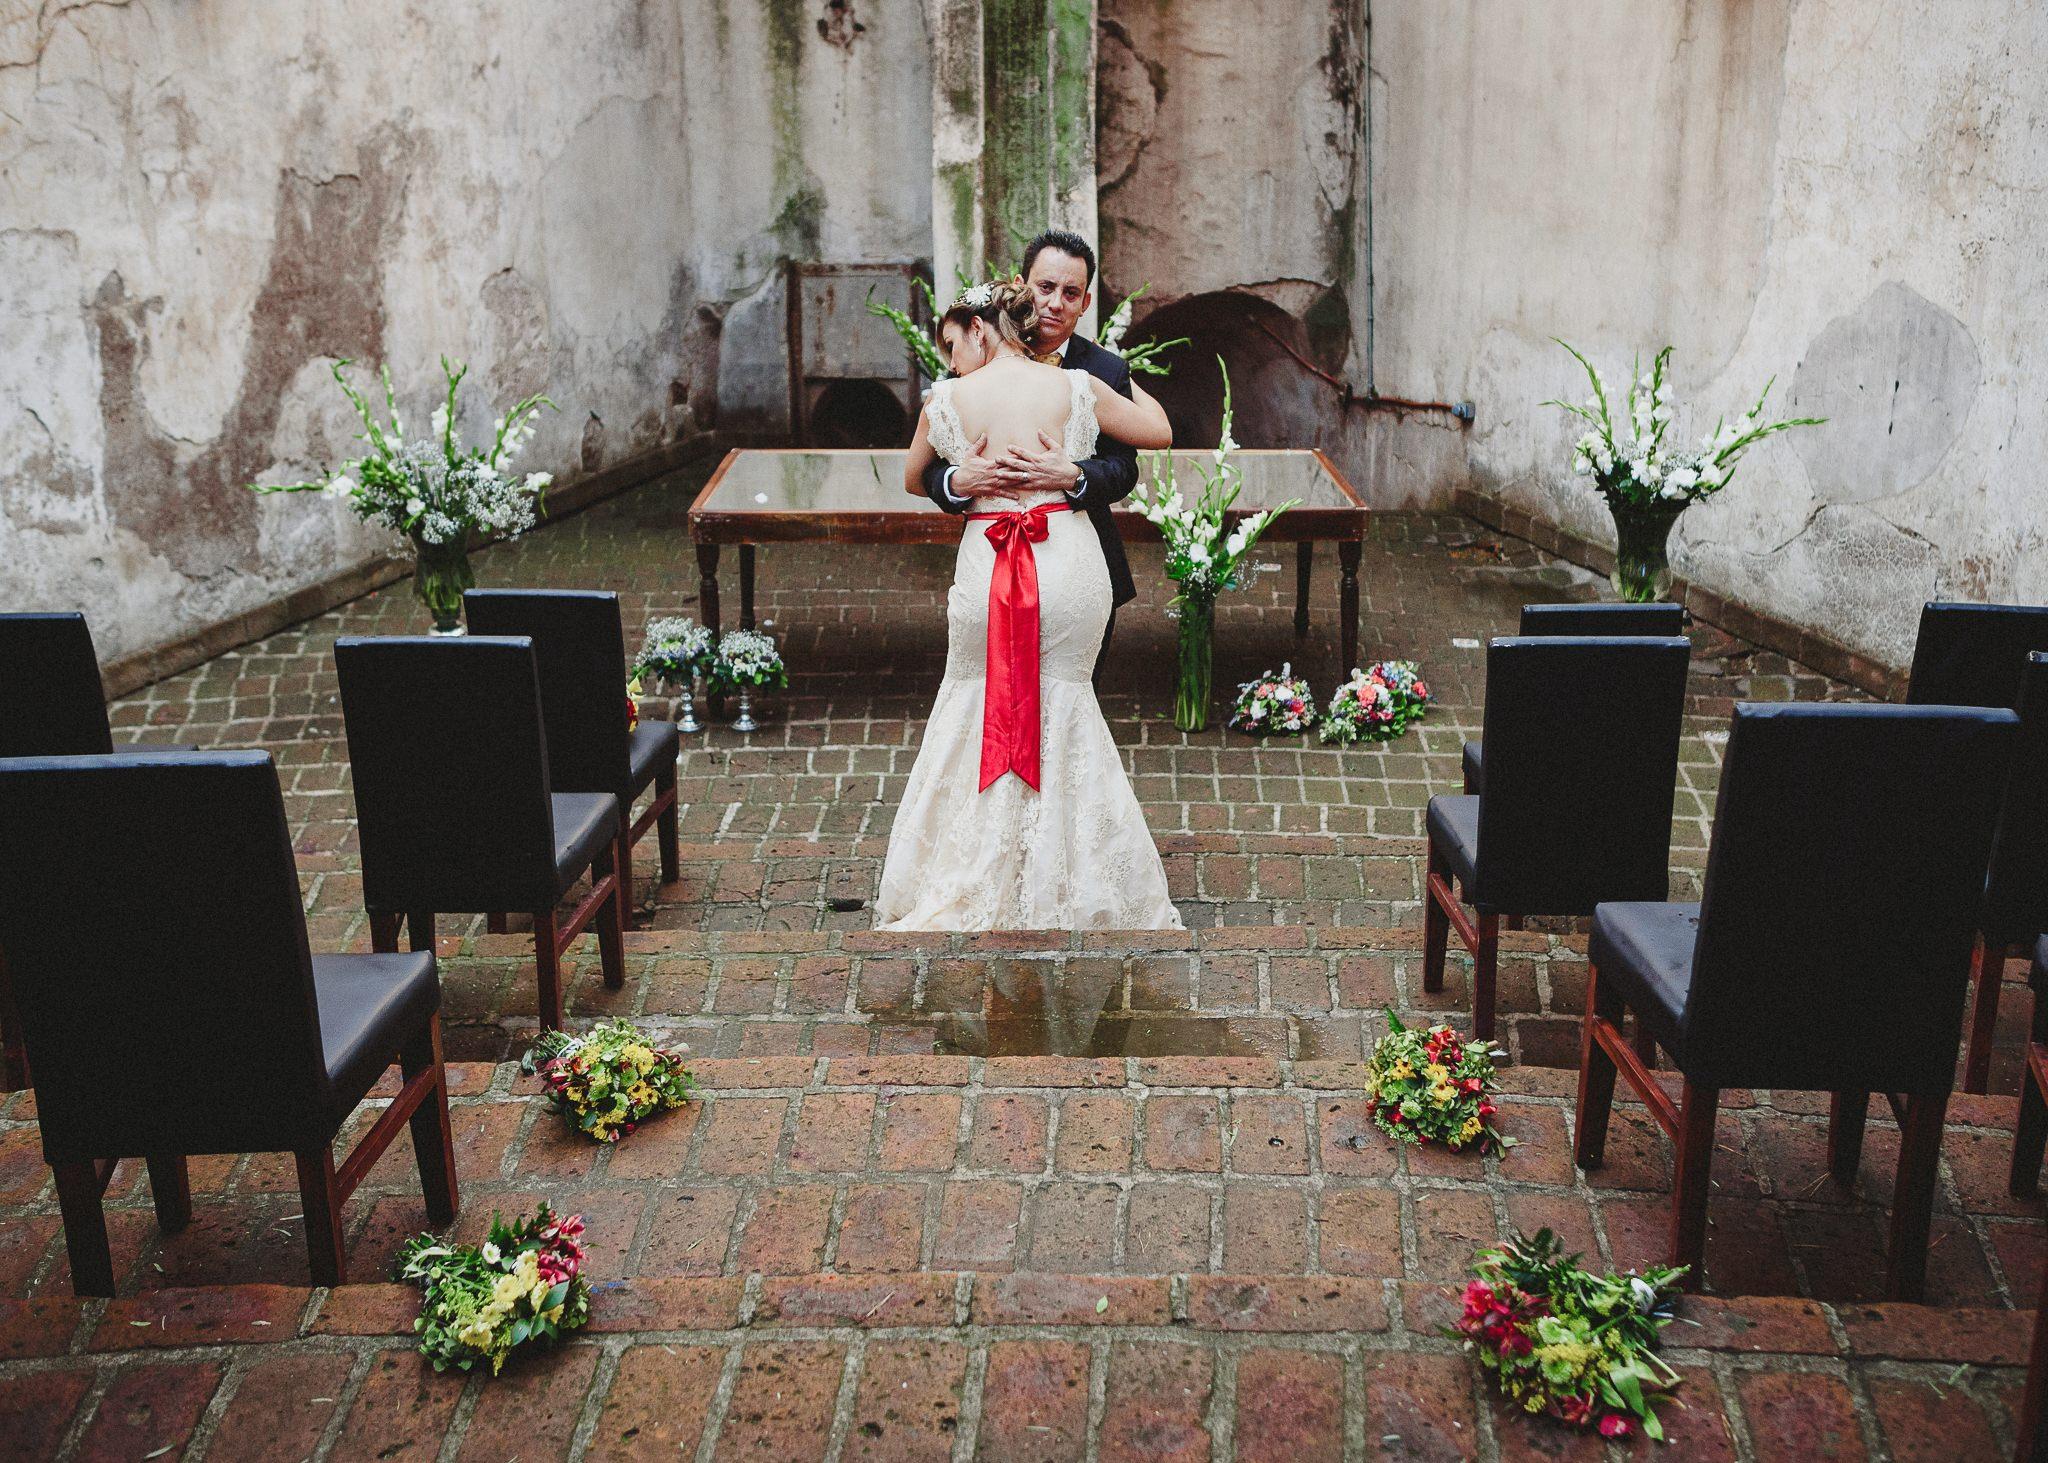 03boda-en-jardin-wedding-hacienda-los-cuartos-fotografo-luis-houdin101